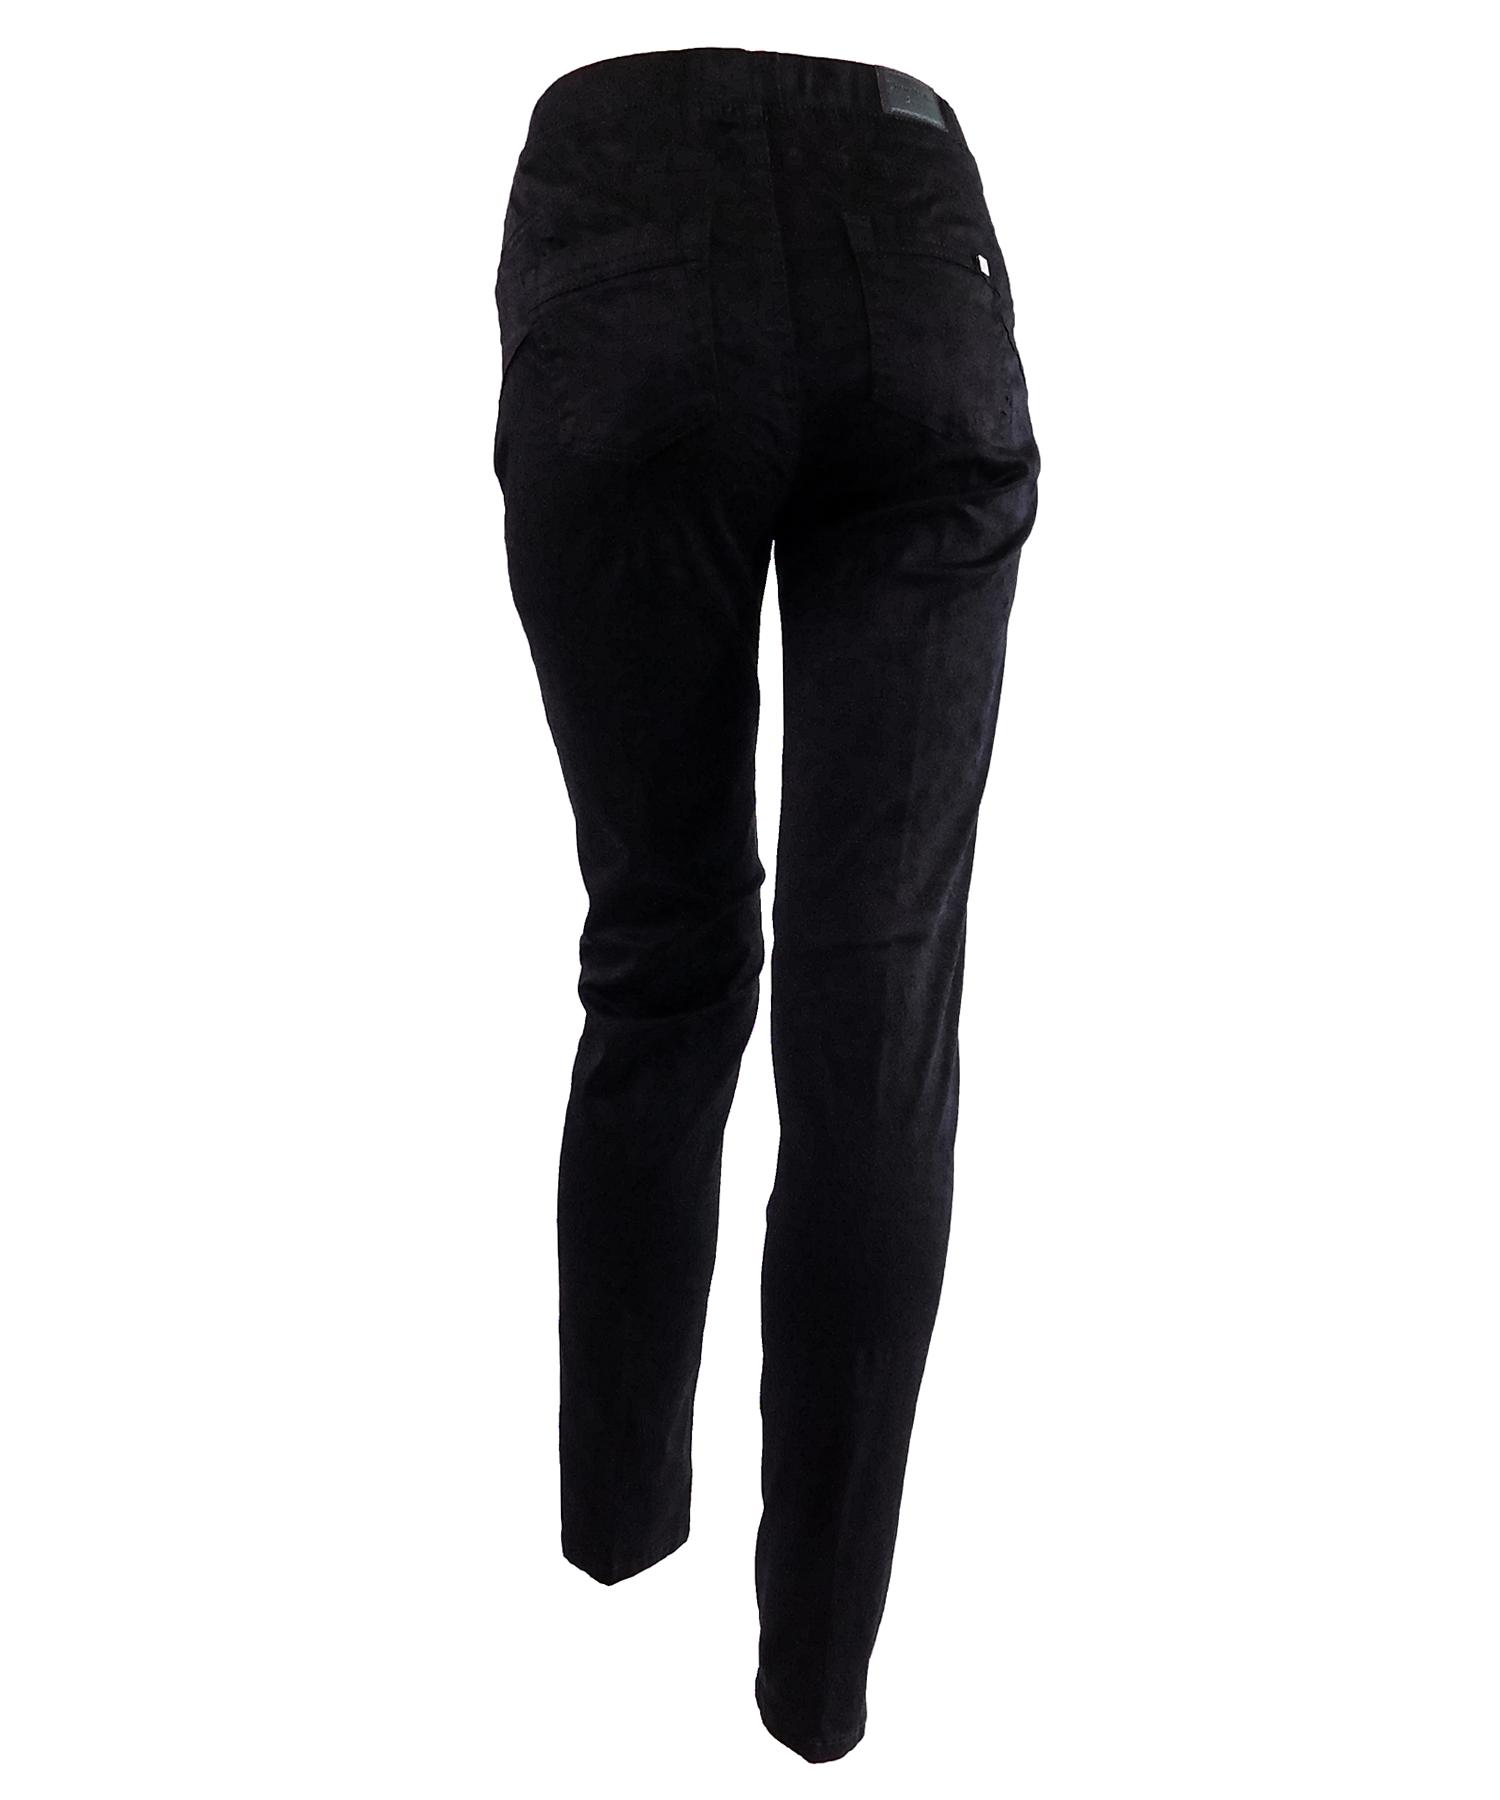 Παντελόνι Υφασμάτινο Φλοράλ Μαύρο